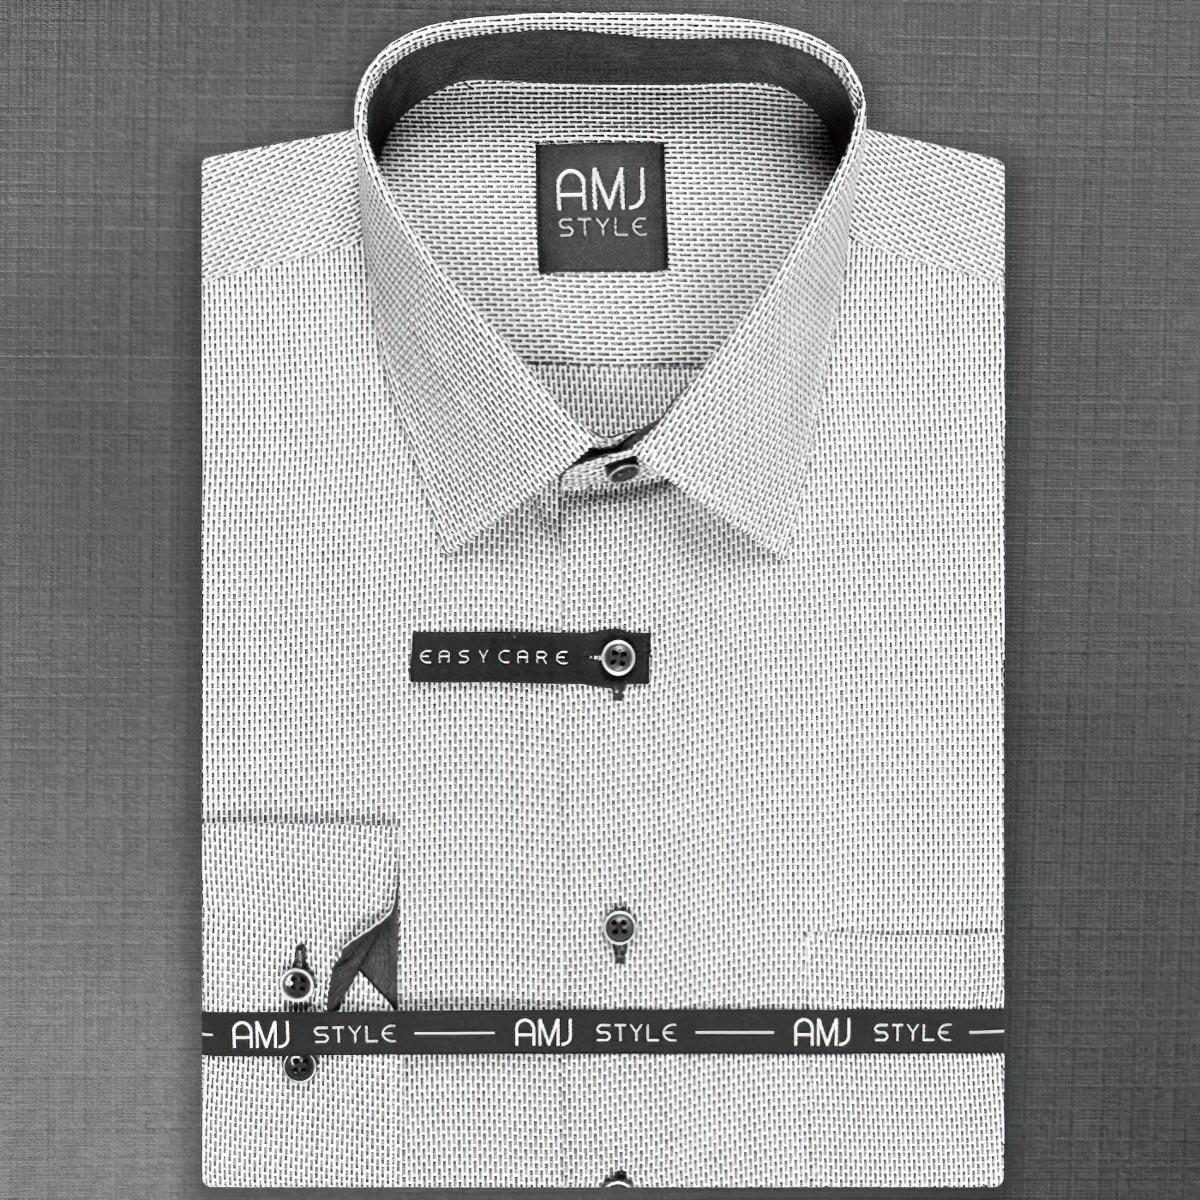 Pánská košile AMJ bílá s obdélníčky VDPR848 dlouhý rukáv, prodloužená délka